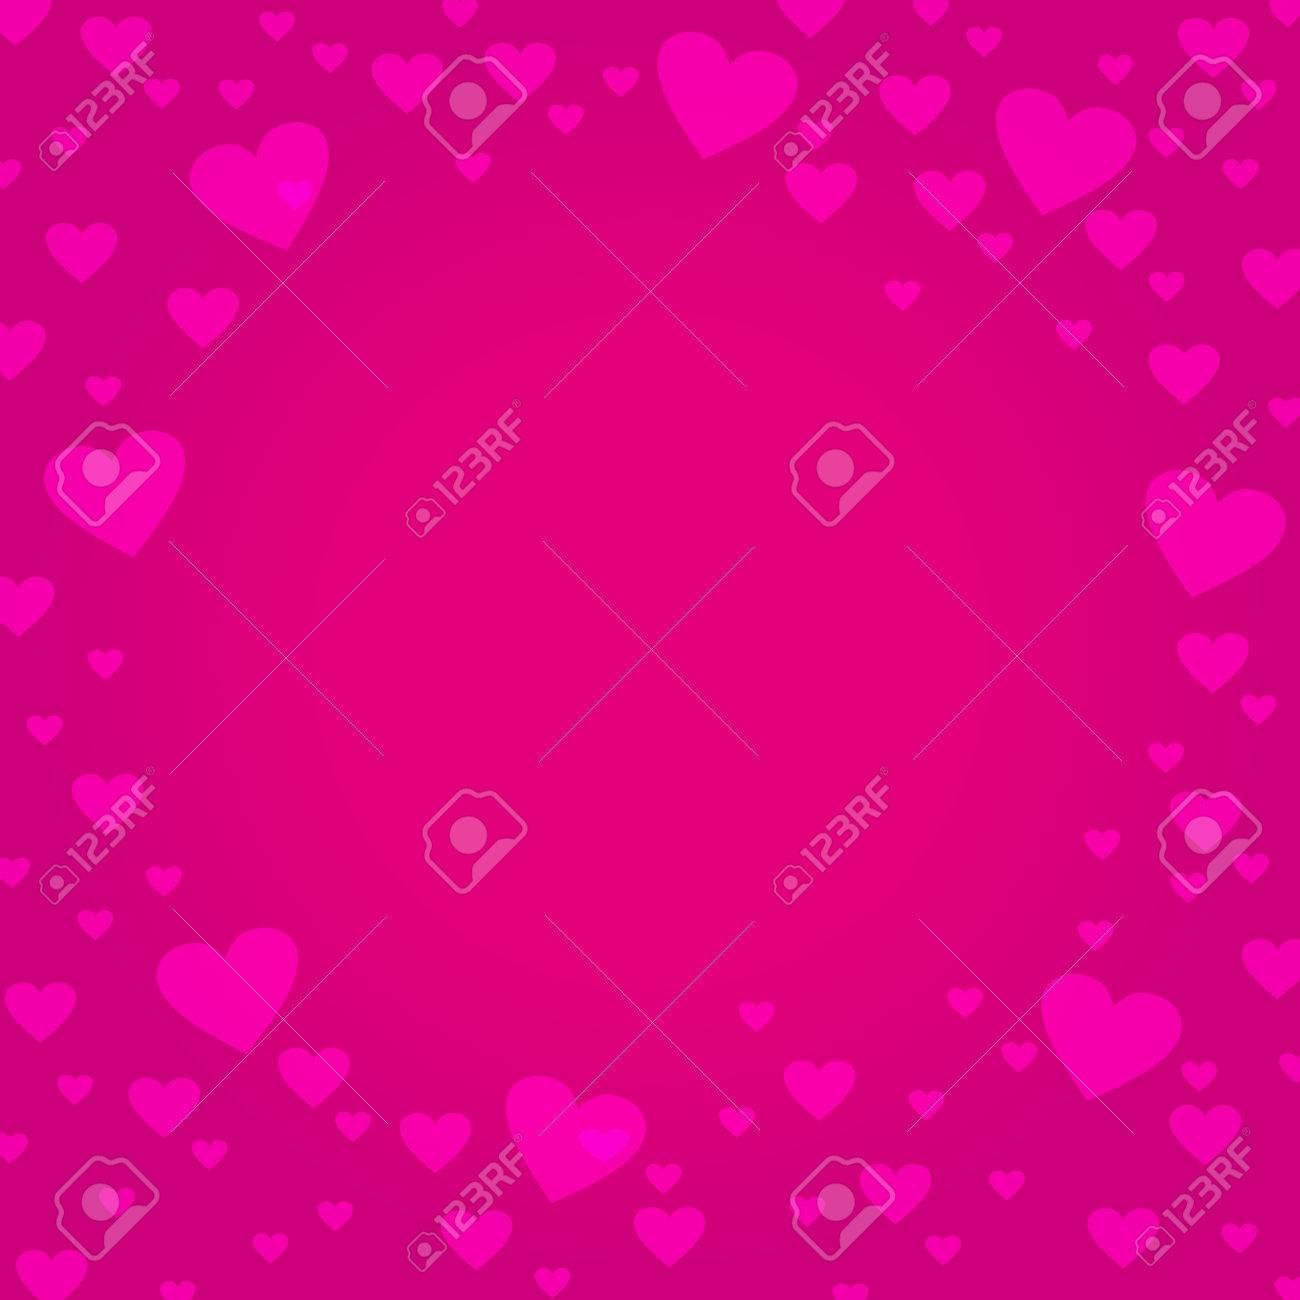 Frontera Del Marco En Forma De Corazón De Color Rosa Sobre Fondo De ...